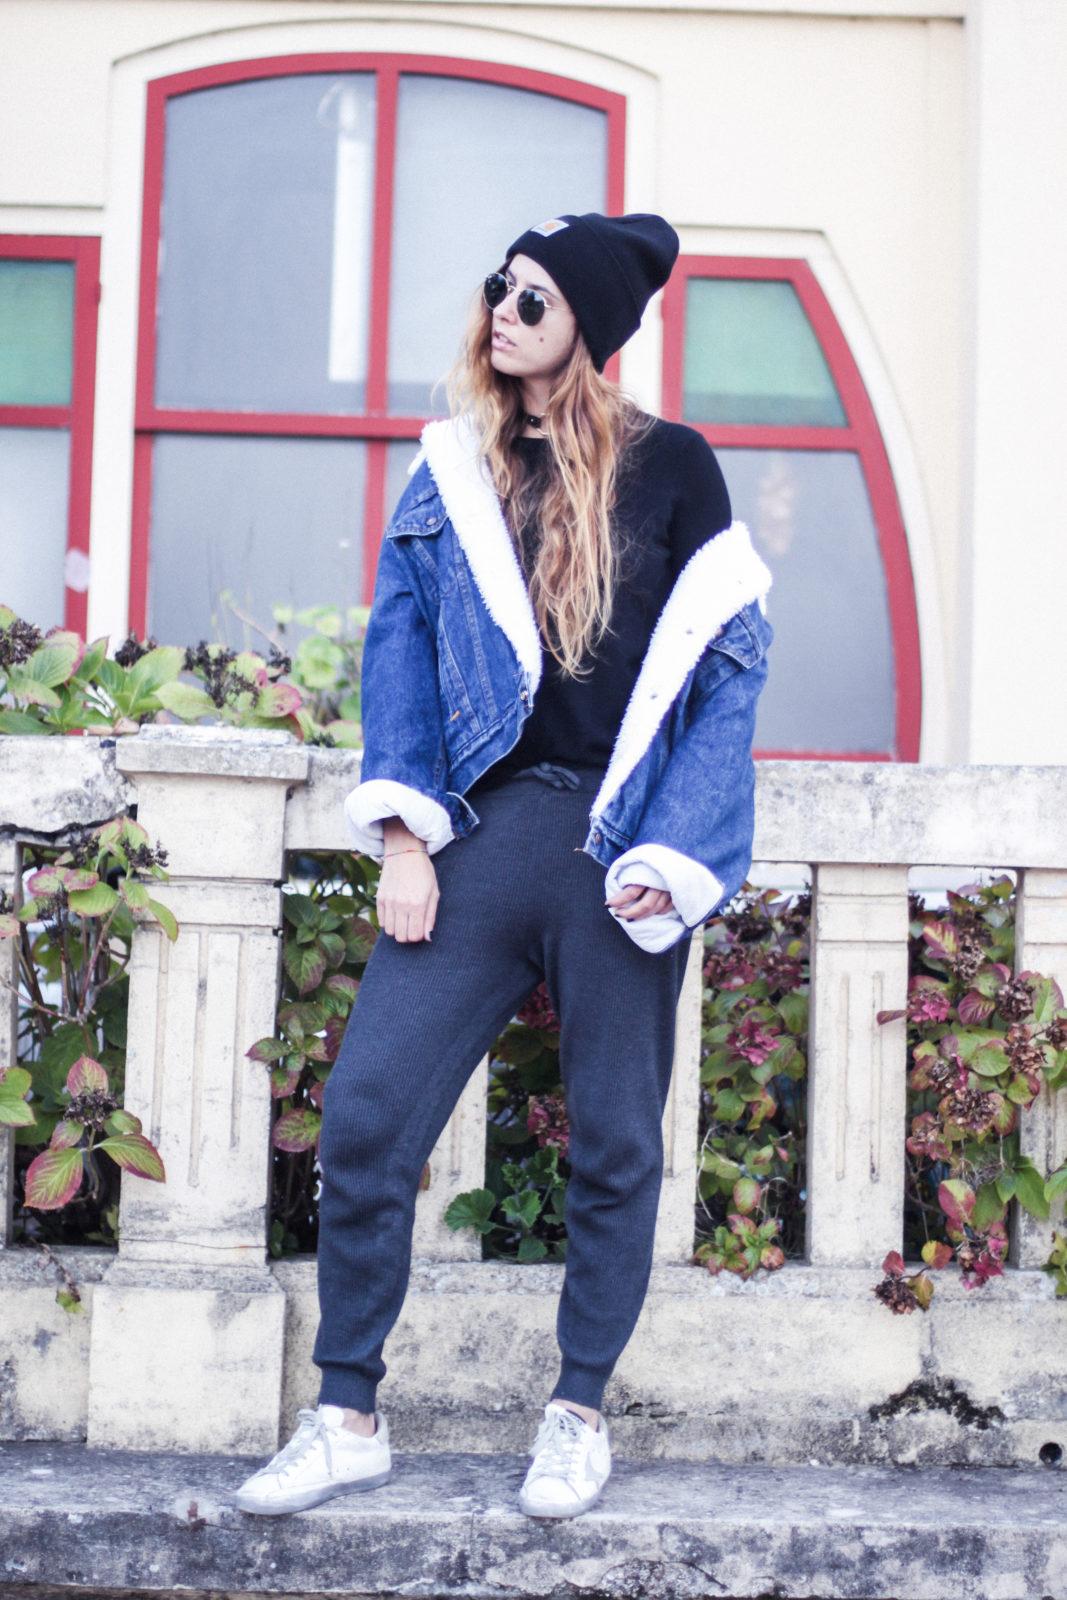 cazadora_vaquera_de_borreguillo_levis_vintage_golden_goose_gorrito_beanie_tendencias_2016_fall_trends_street_style_choker_donkeycool-27